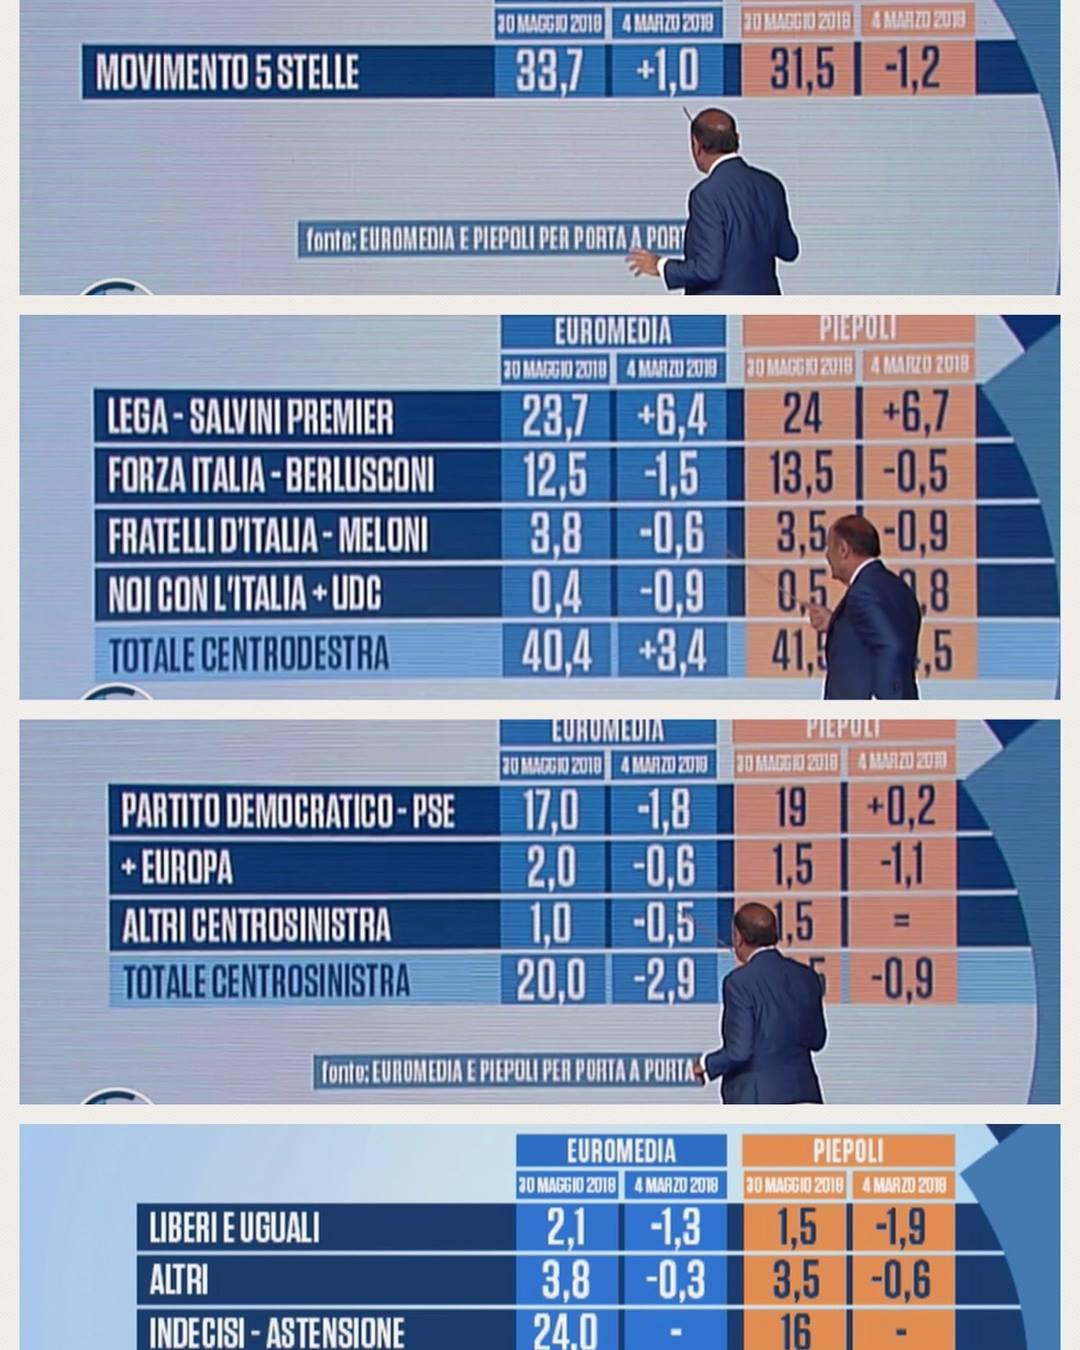 sondaggi elettorali porta a porta - intenzioni di voto euromedia e piepoli a fine maggio 2018